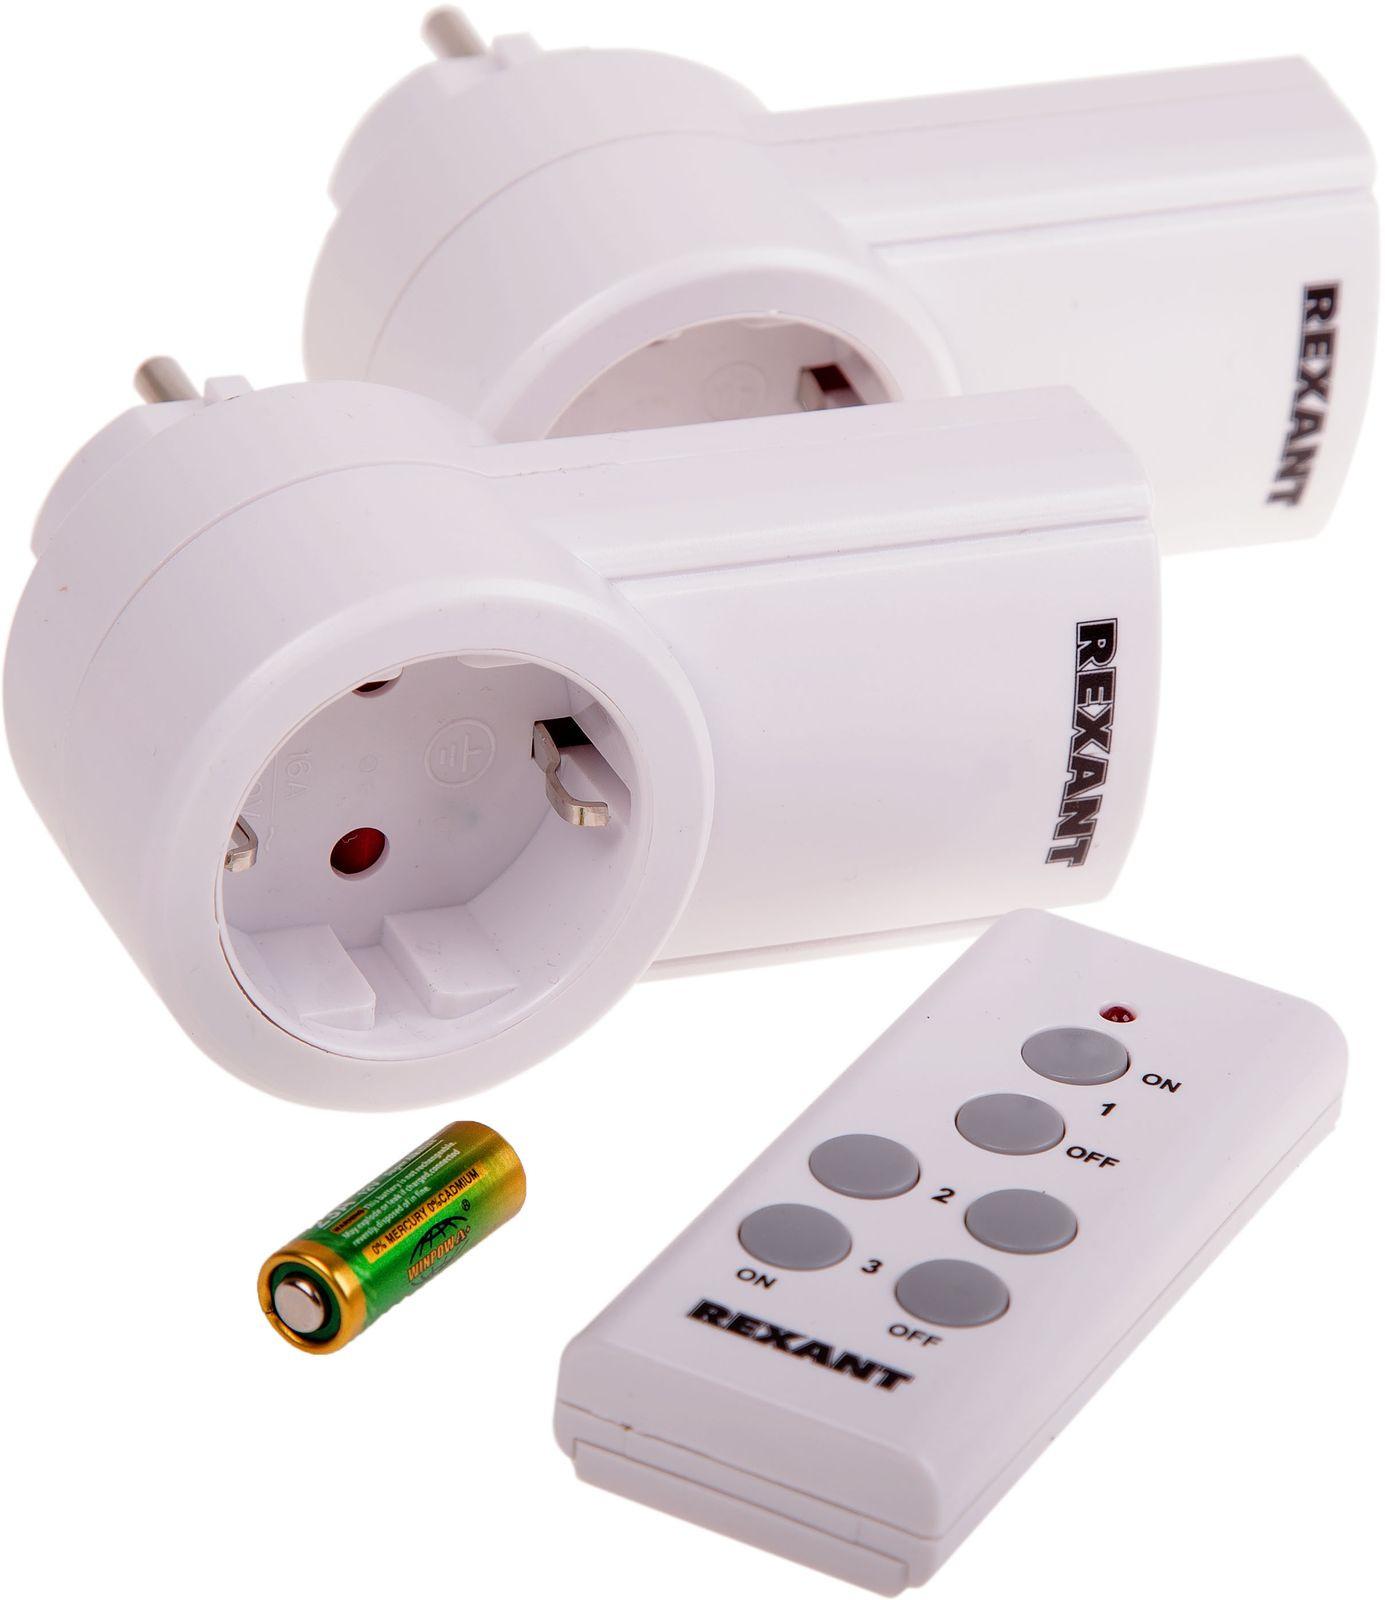 Розетка радиоуправляемая Rexant RX-002, беспроводная, 2 шт + Пульт ДУ, 10-6025, белый стоимость